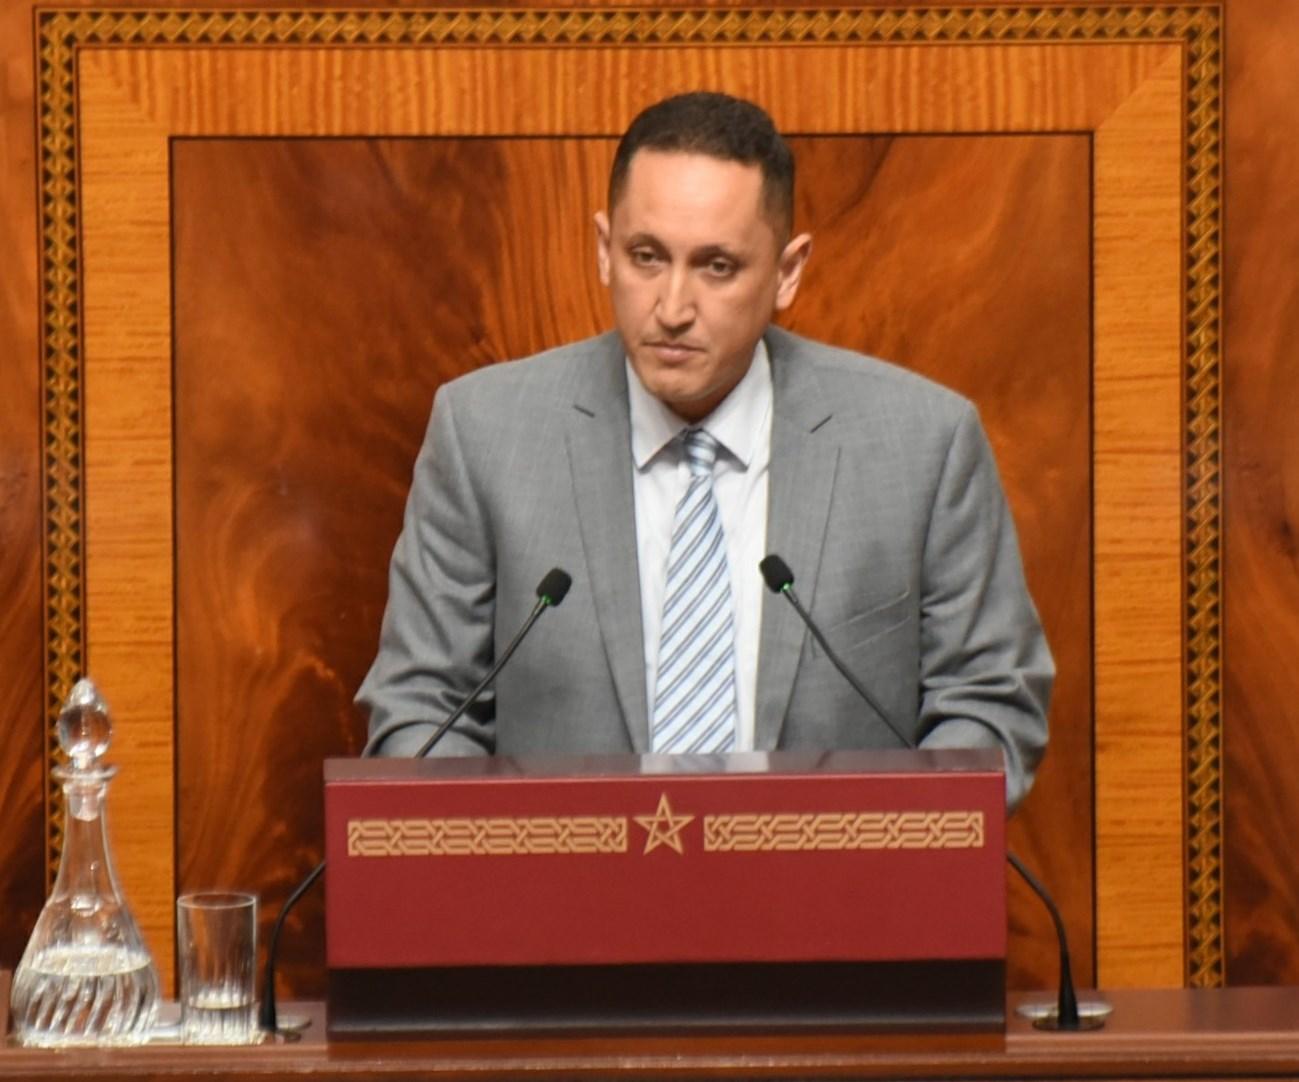 الأخ اسماعيل البقالي : نصوت بالايجاب على مشروع القانون المتعلق بالمساعدة الطبية على الانجاب